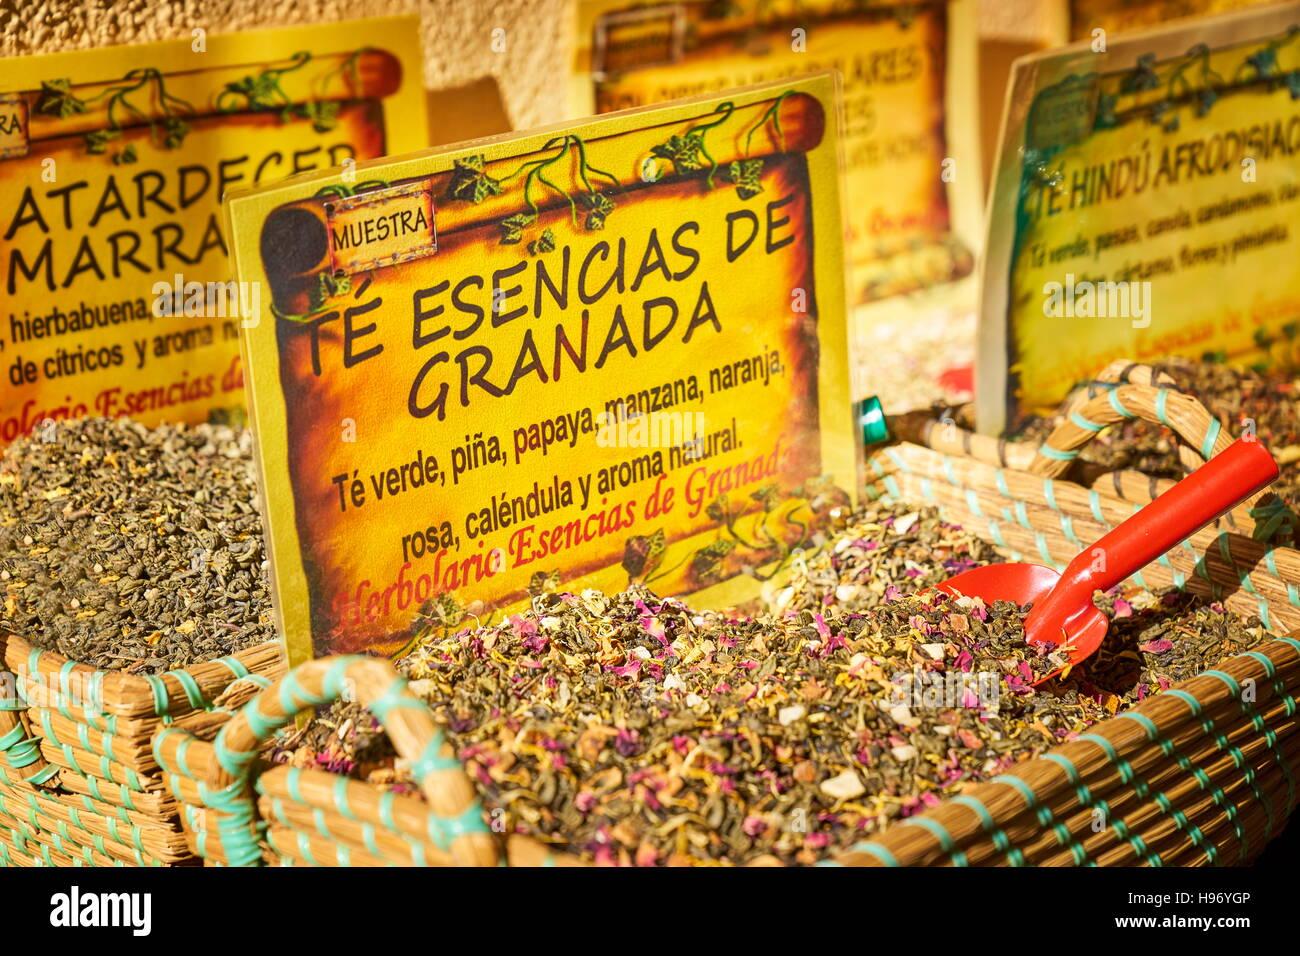 Tienda de té de hierbas y Granada, Granada, España Imagen De Stock